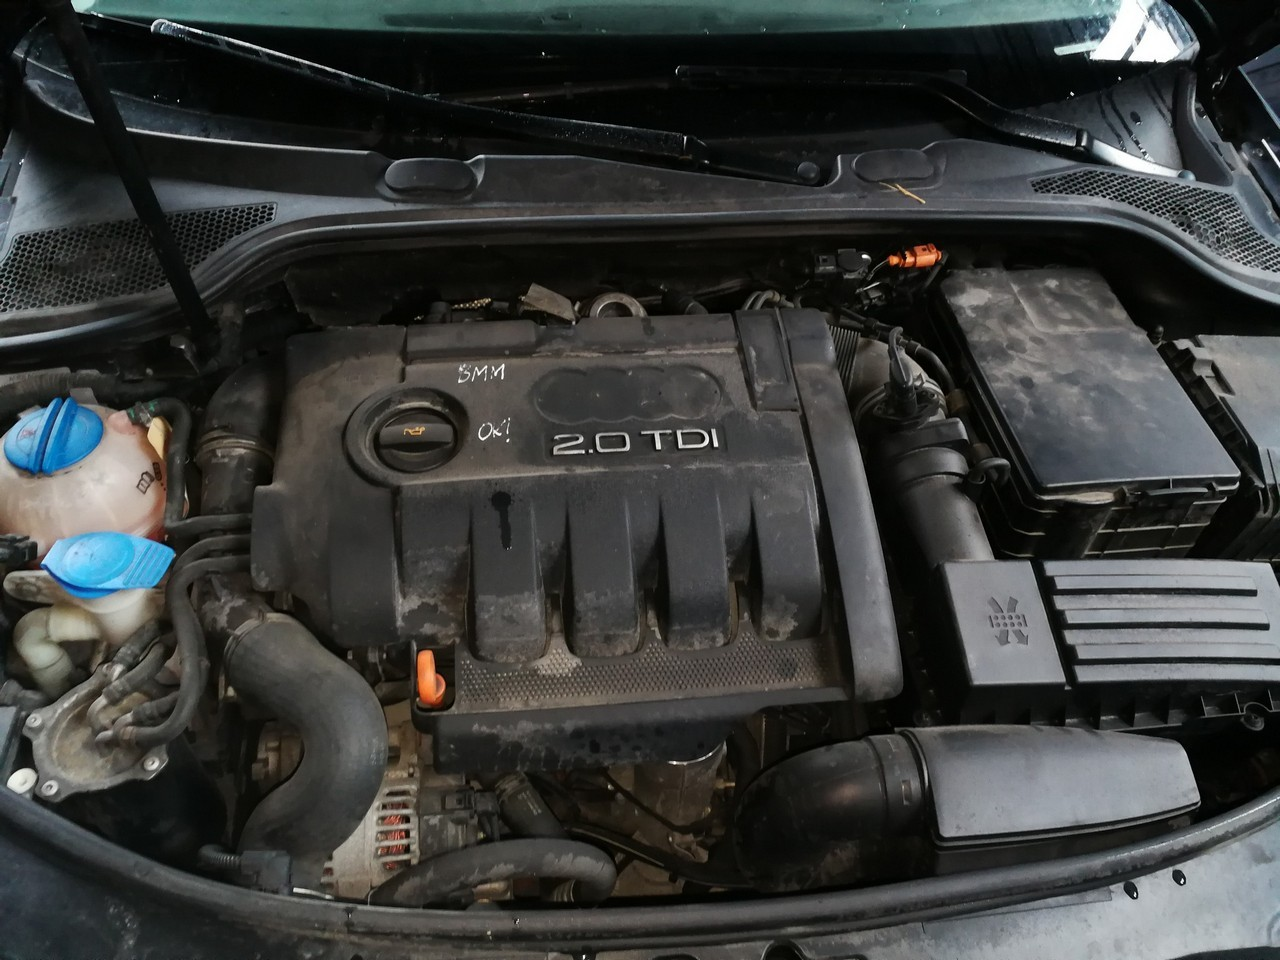 DEZMEMBREZ Audi A3 8P 2.0tdi tip motor BMM